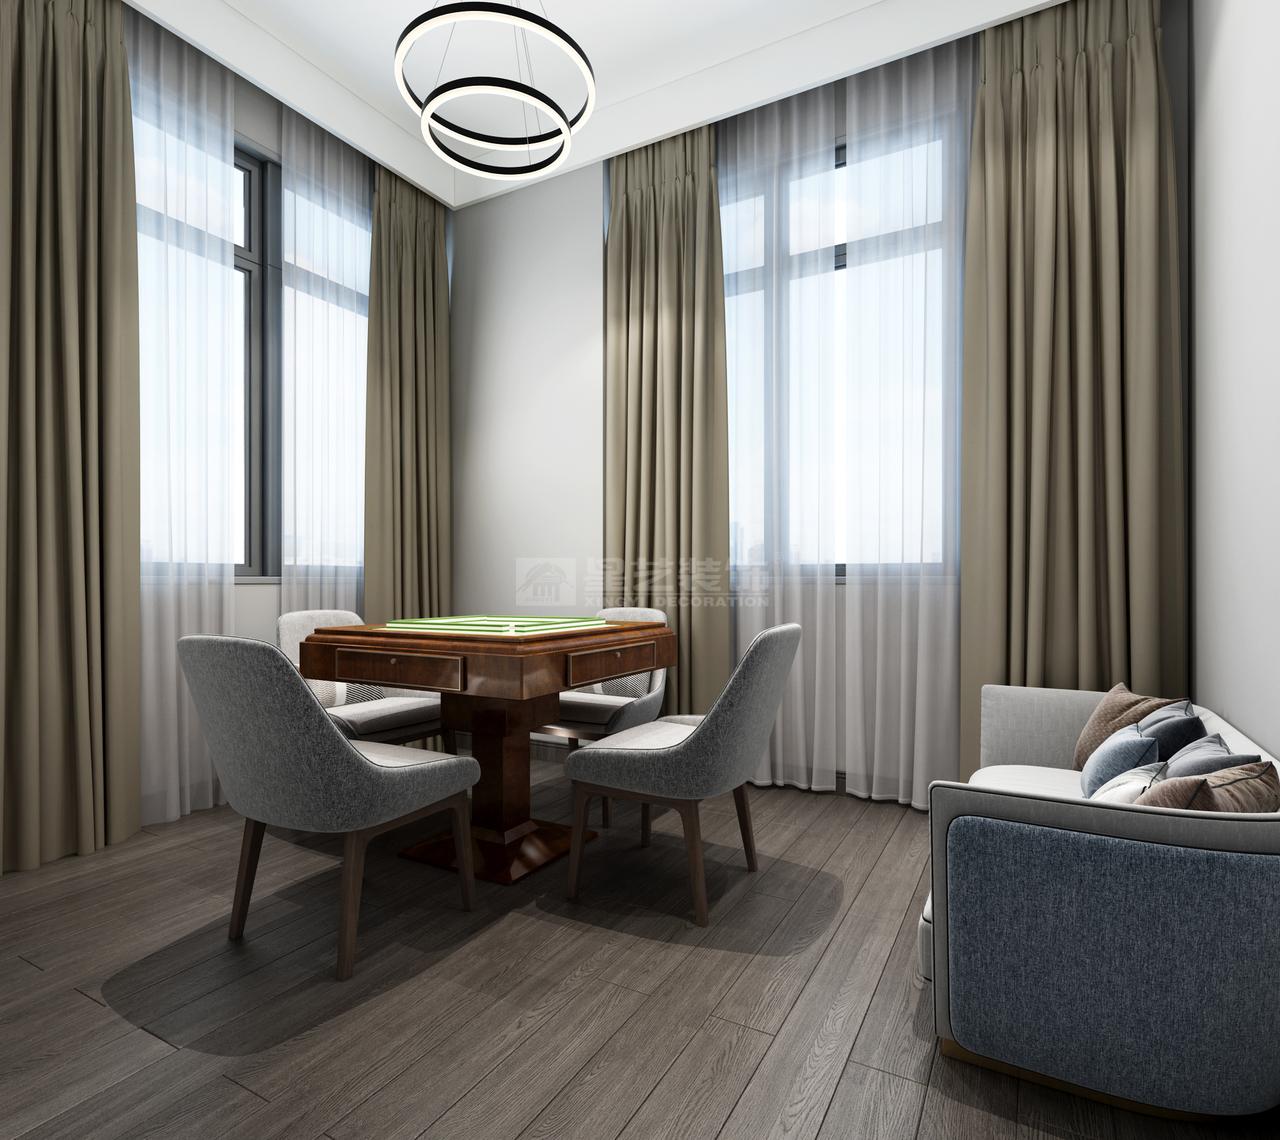 美的林城美桐苑栋单元简约,后现代,单身公寓,85.0㎡